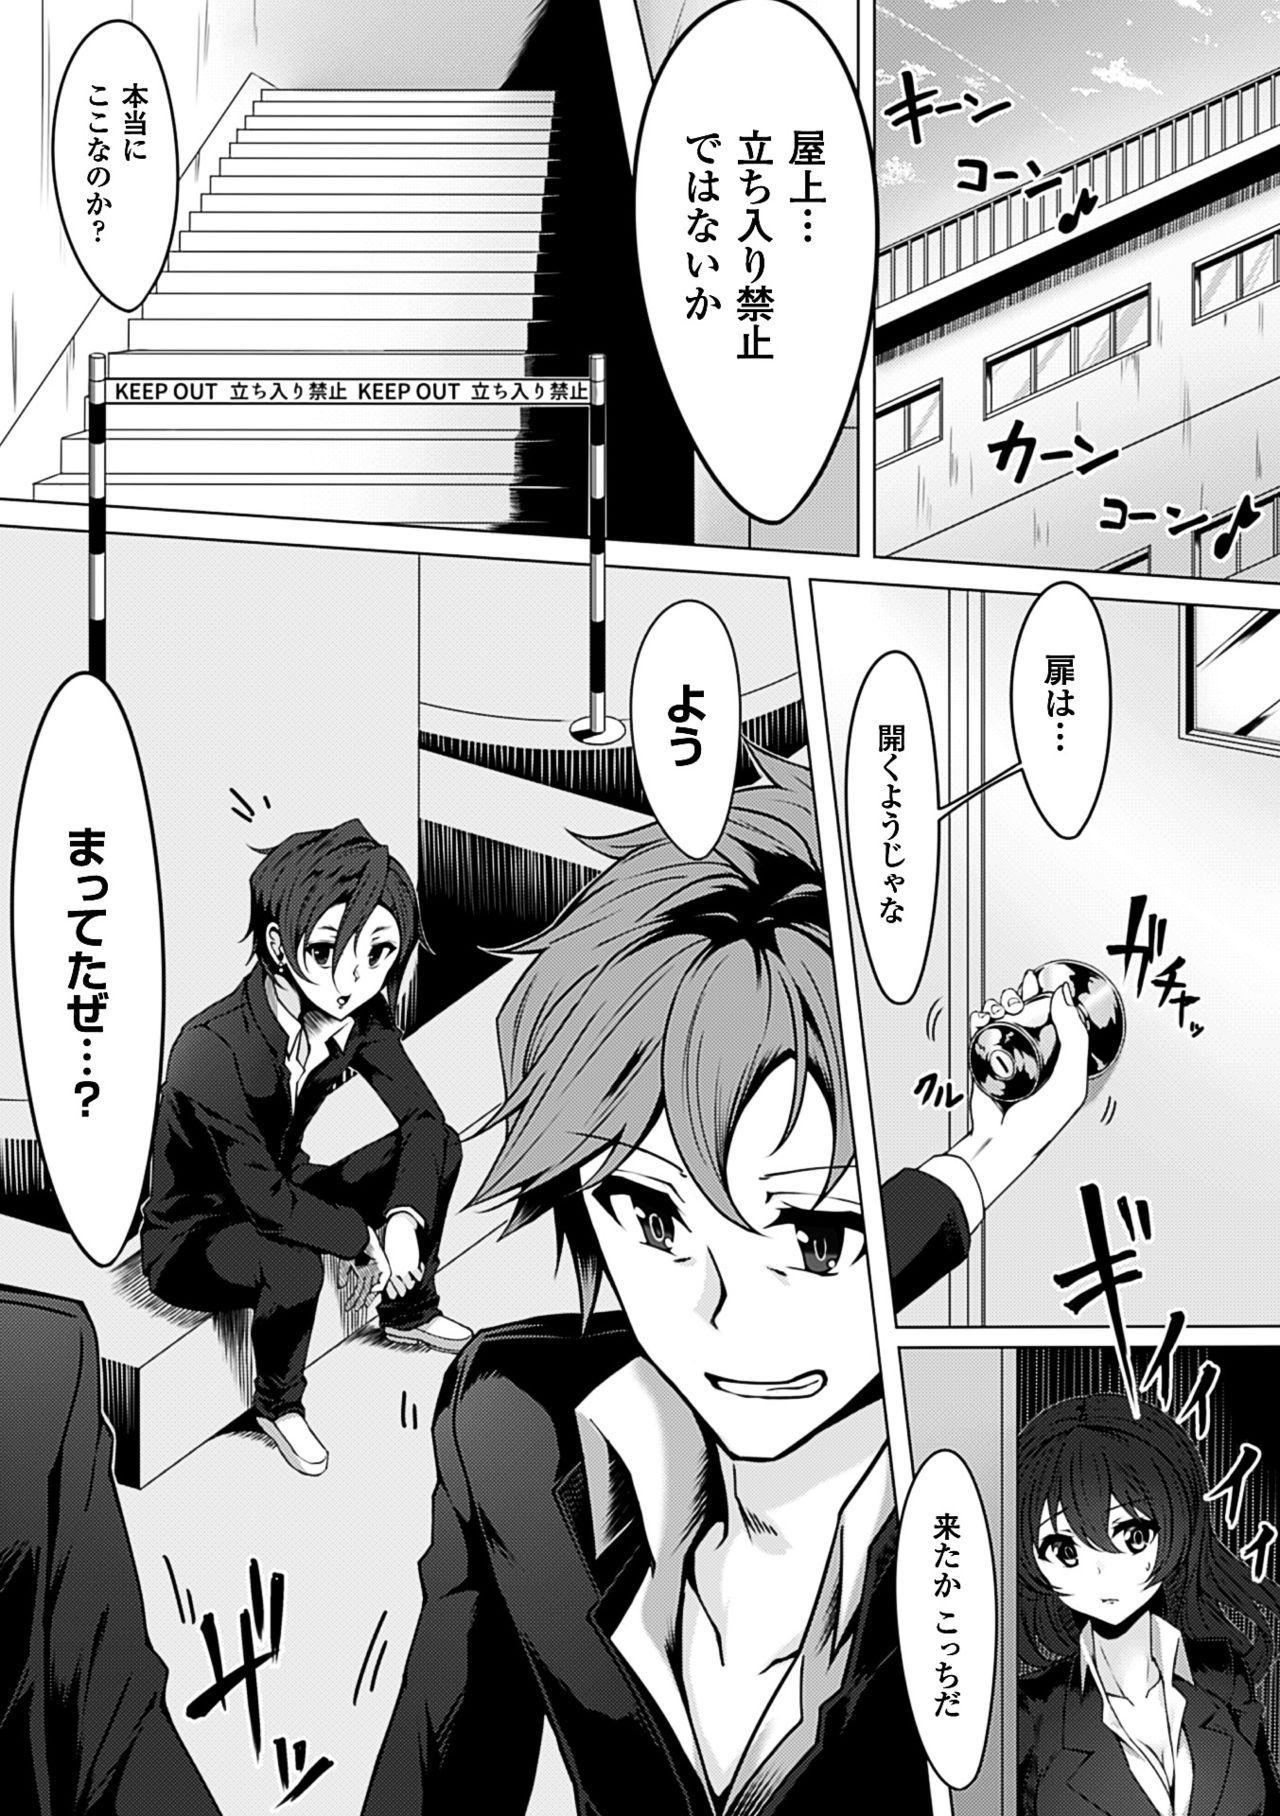 2D Comic Magazine Jingai Musume Haramase Kedakaki Mesu-tachi wa Ningen Kodane ni Kuppuku Suru Vol. 2 46